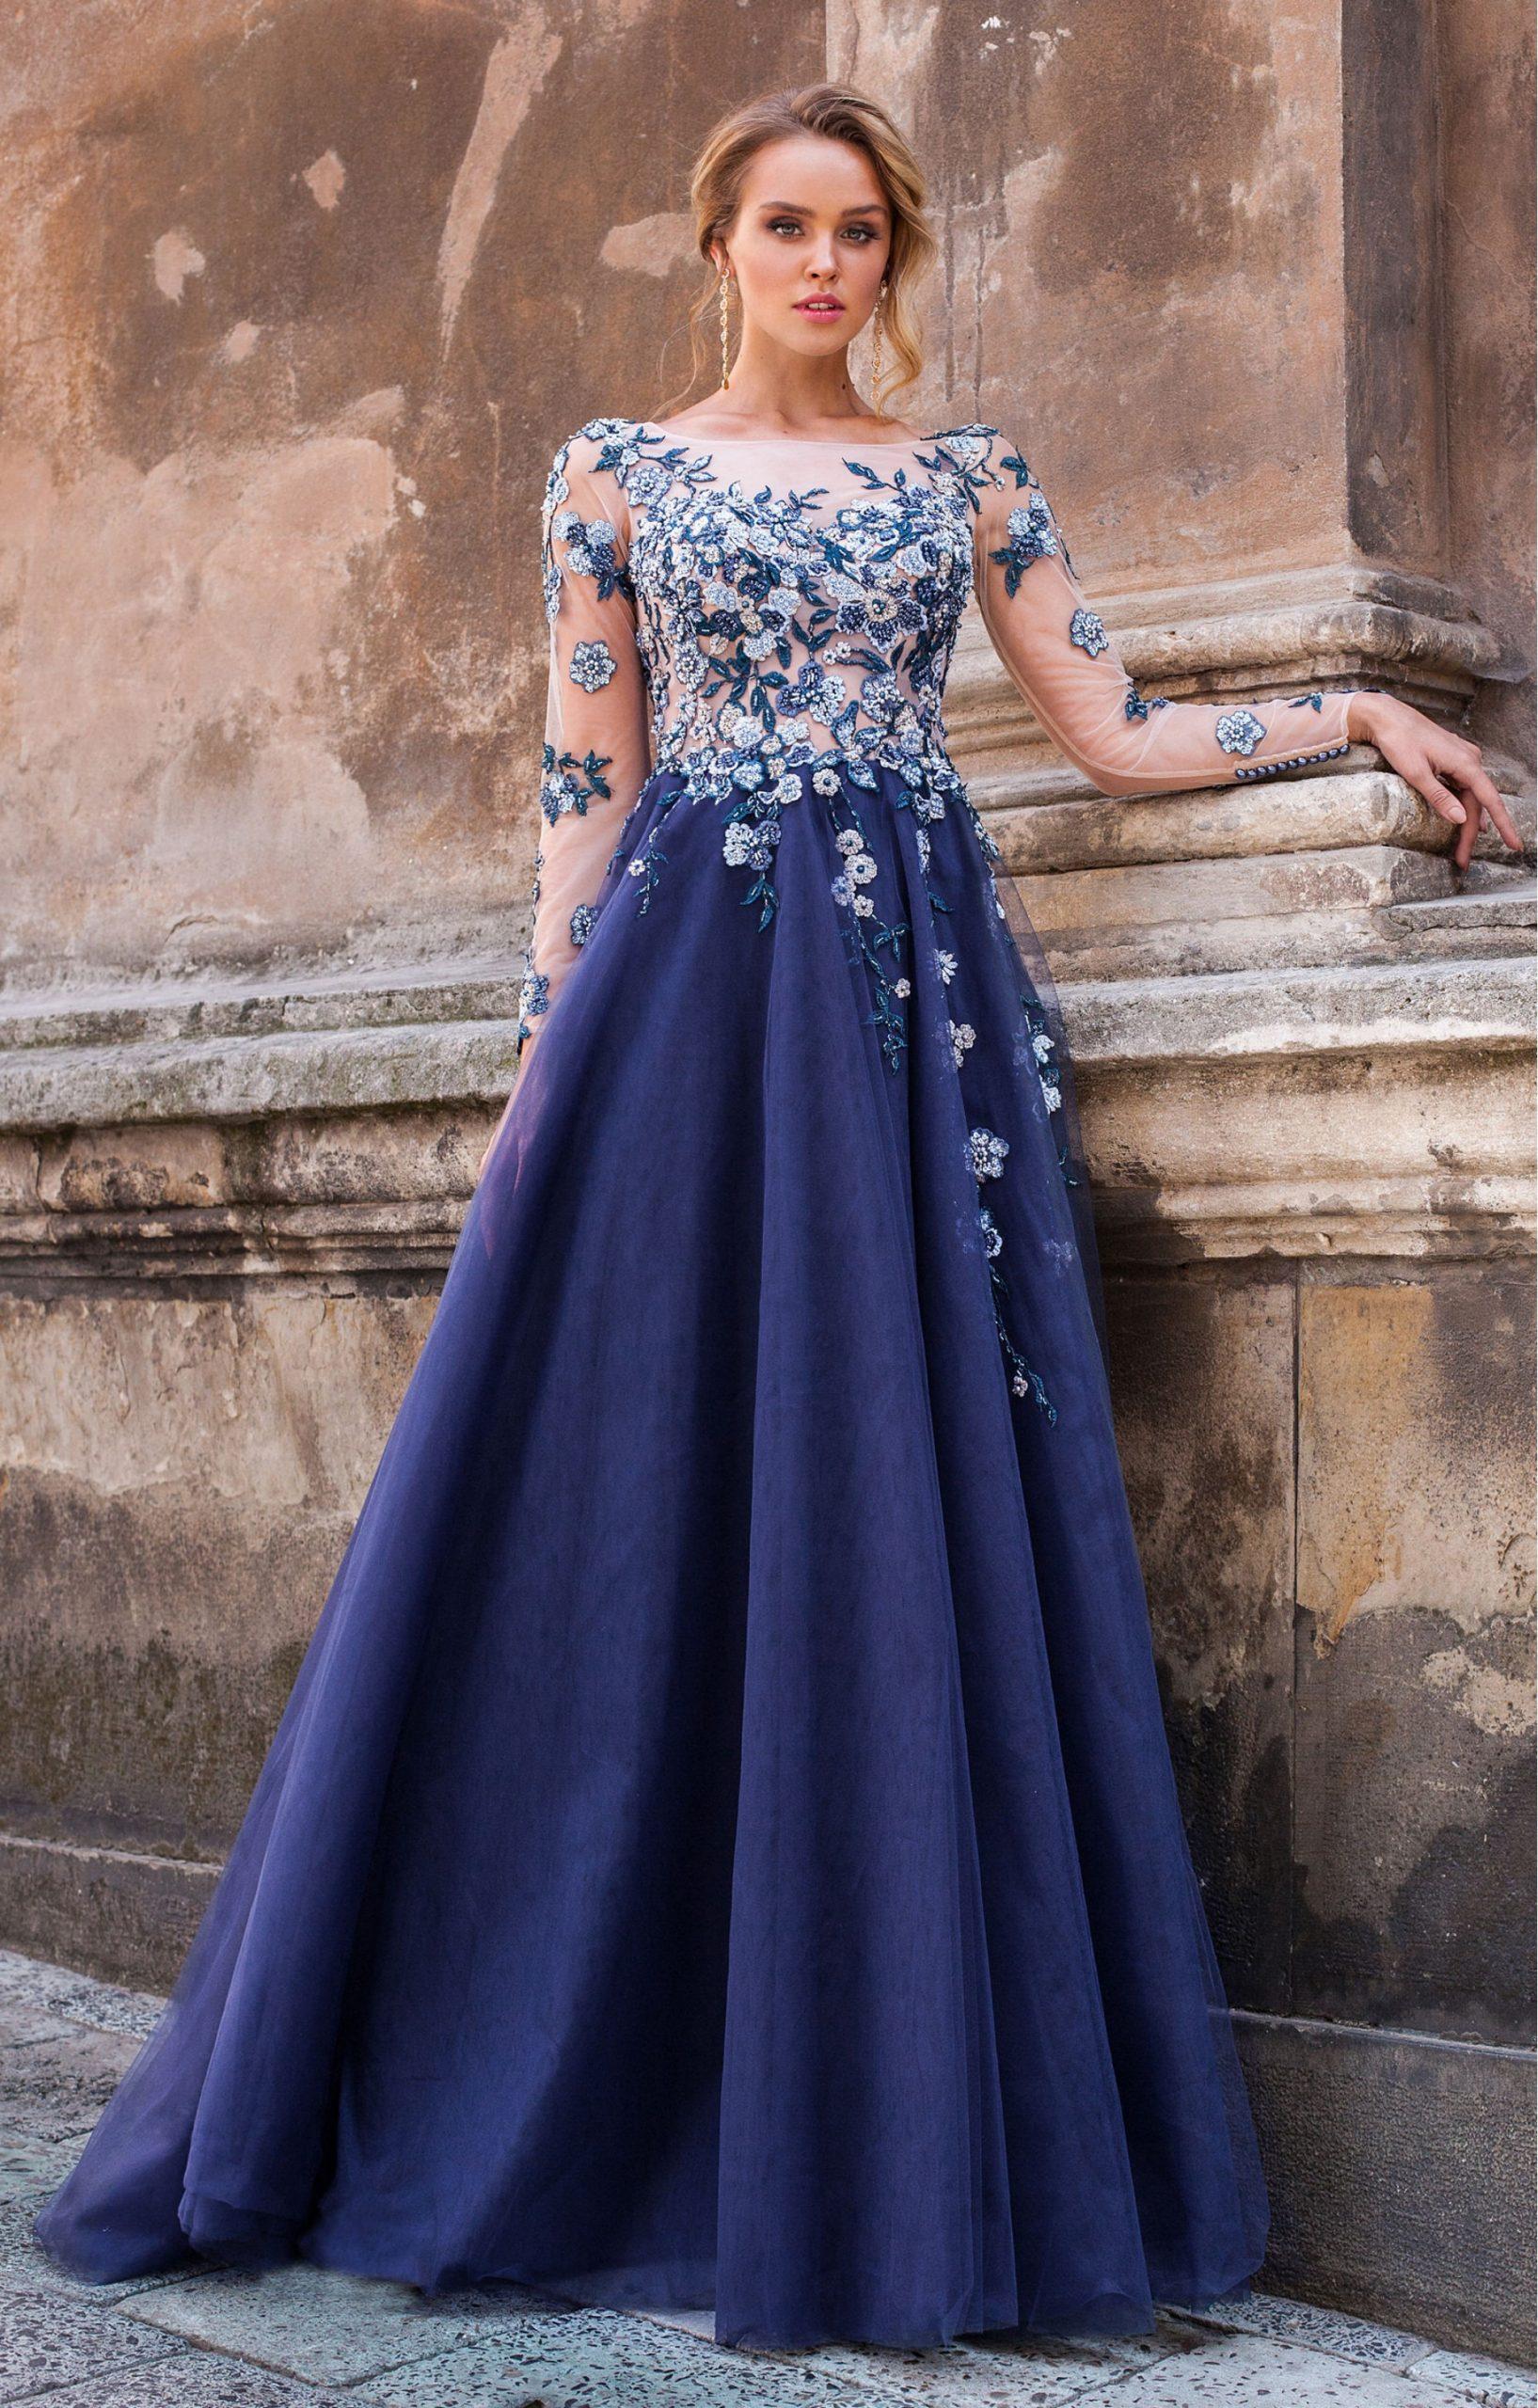 Designer Schön Blaue Abend Kleider Bester PreisDesigner Spektakulär Blaue Abend Kleider Boutique